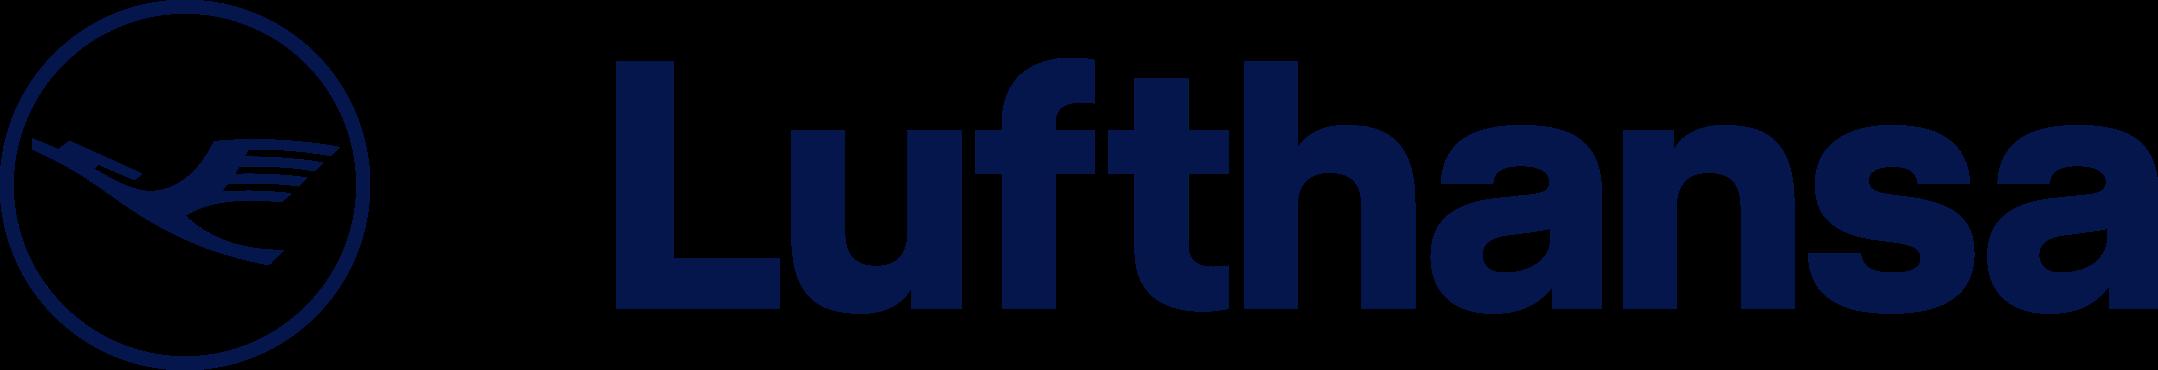 lufthansa logo 1 - Lufthansa Logo